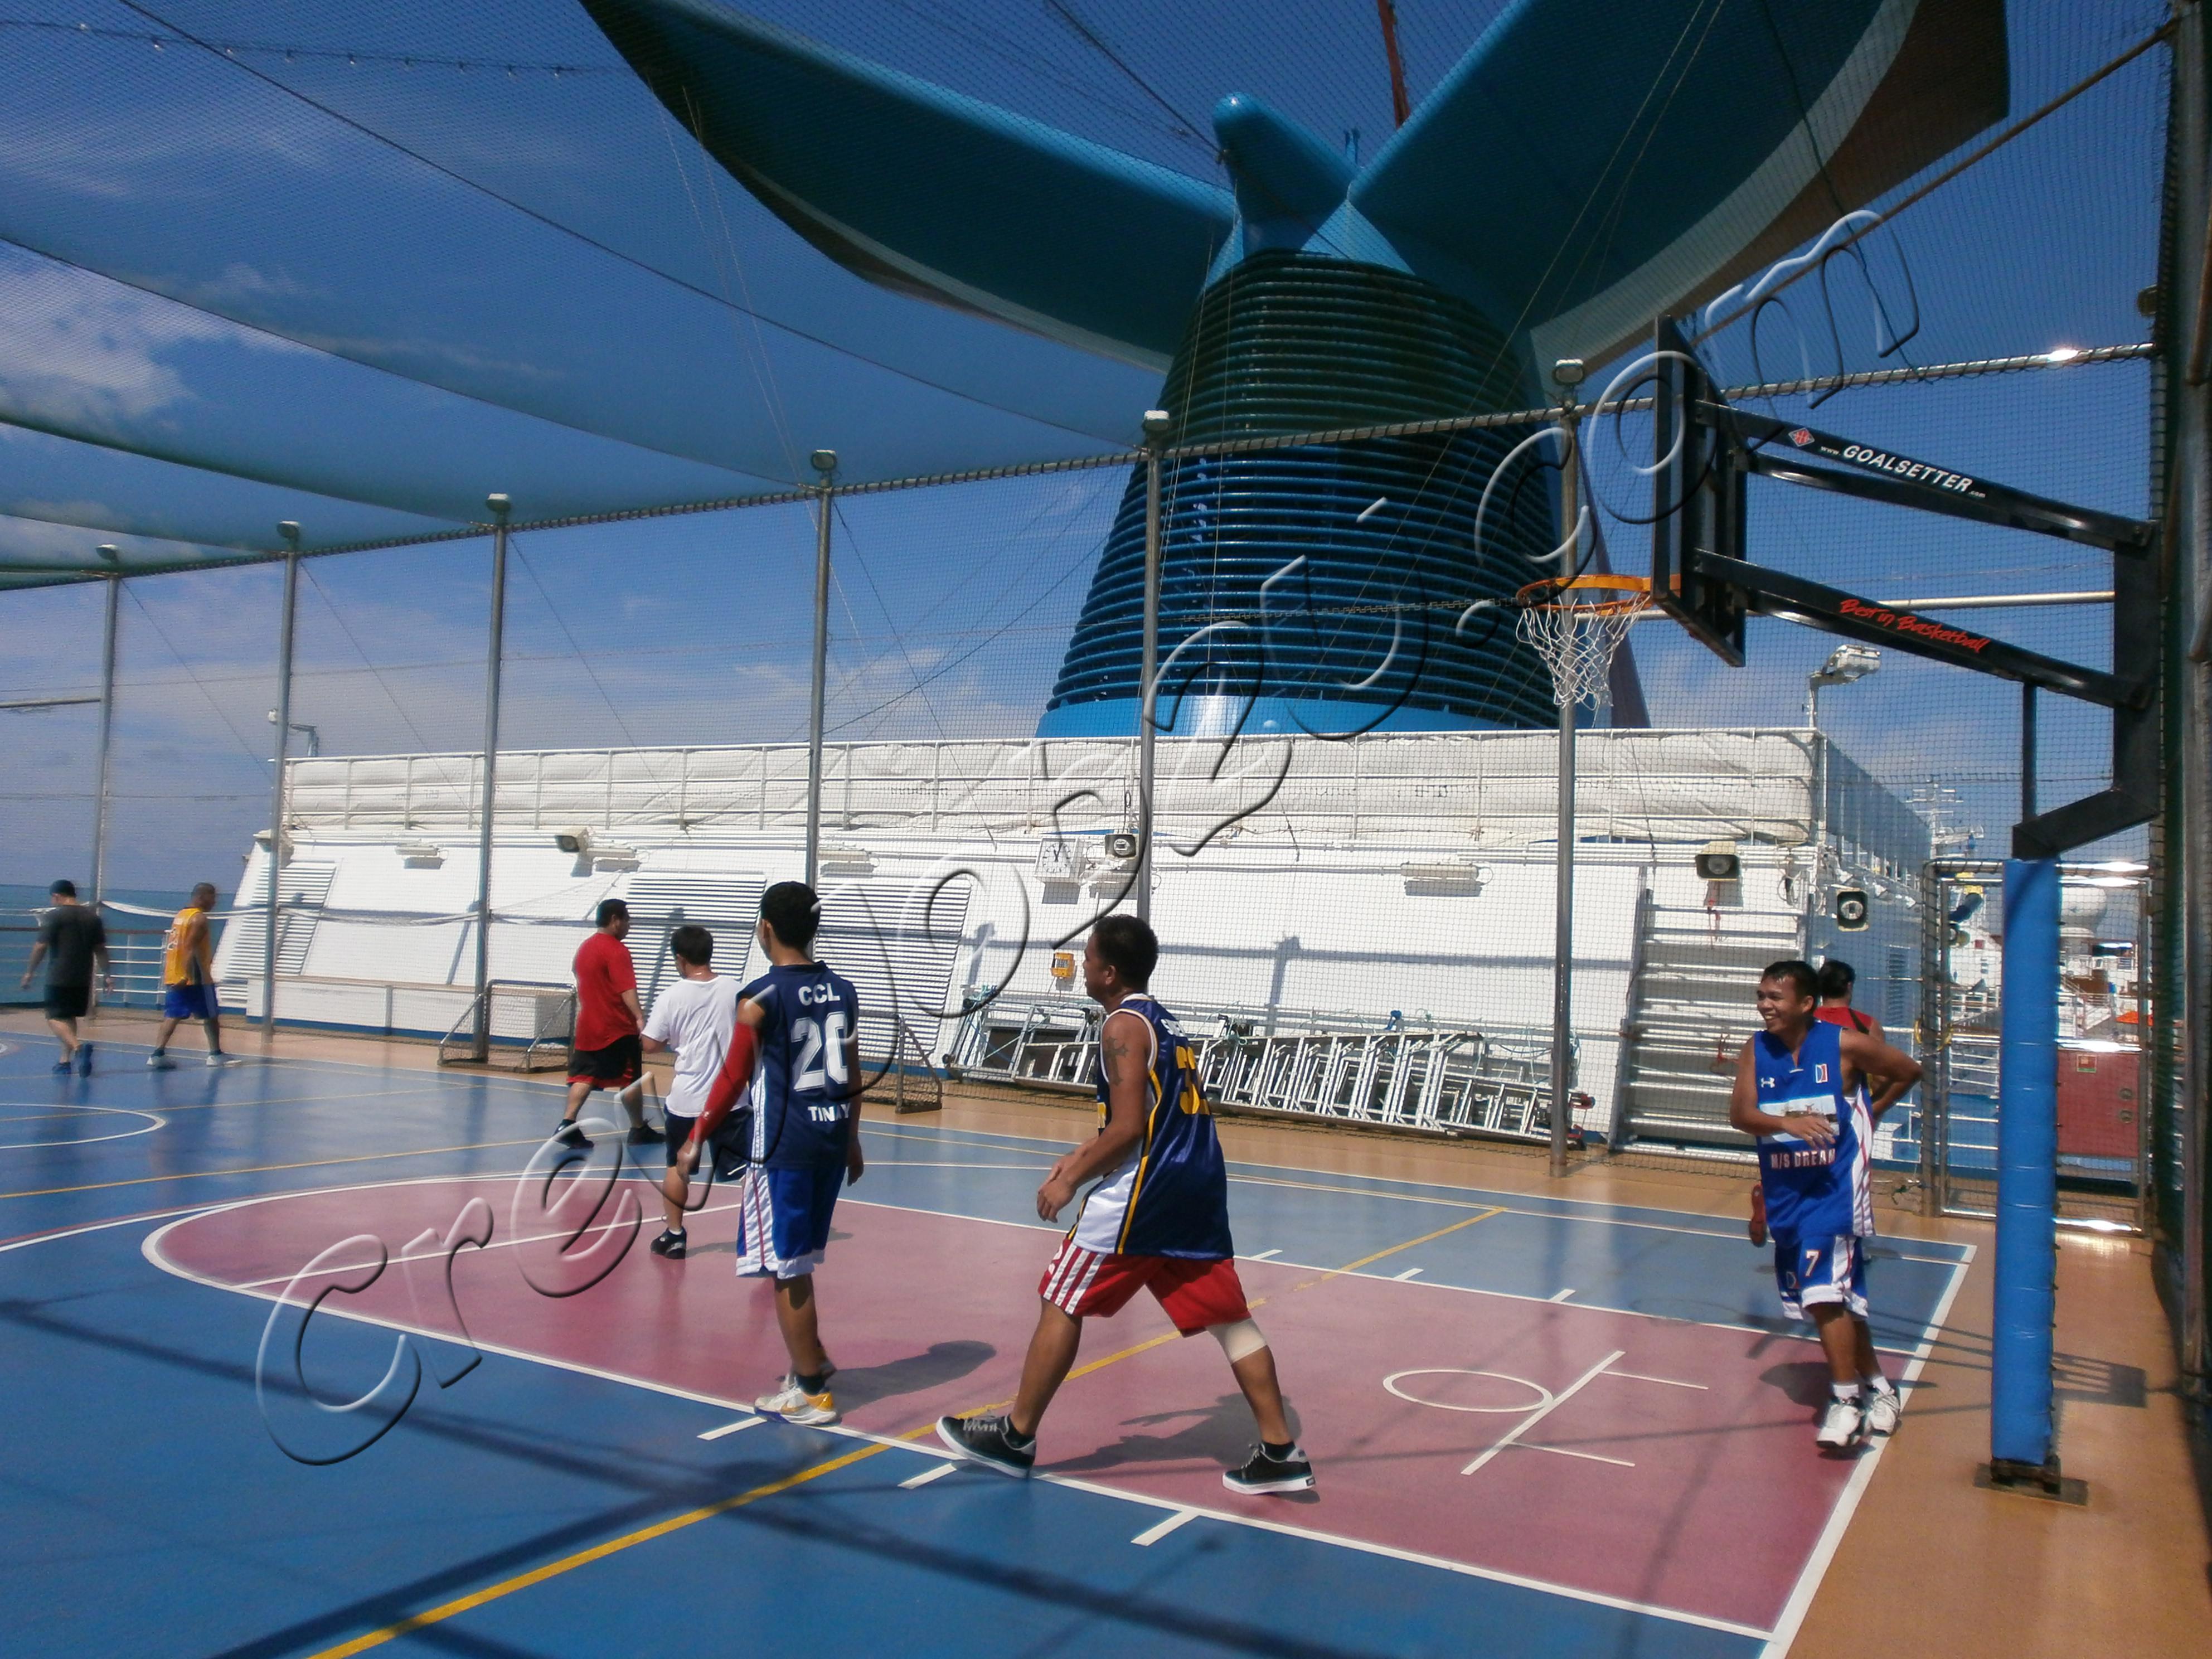 Баскетбол на открытой палубе